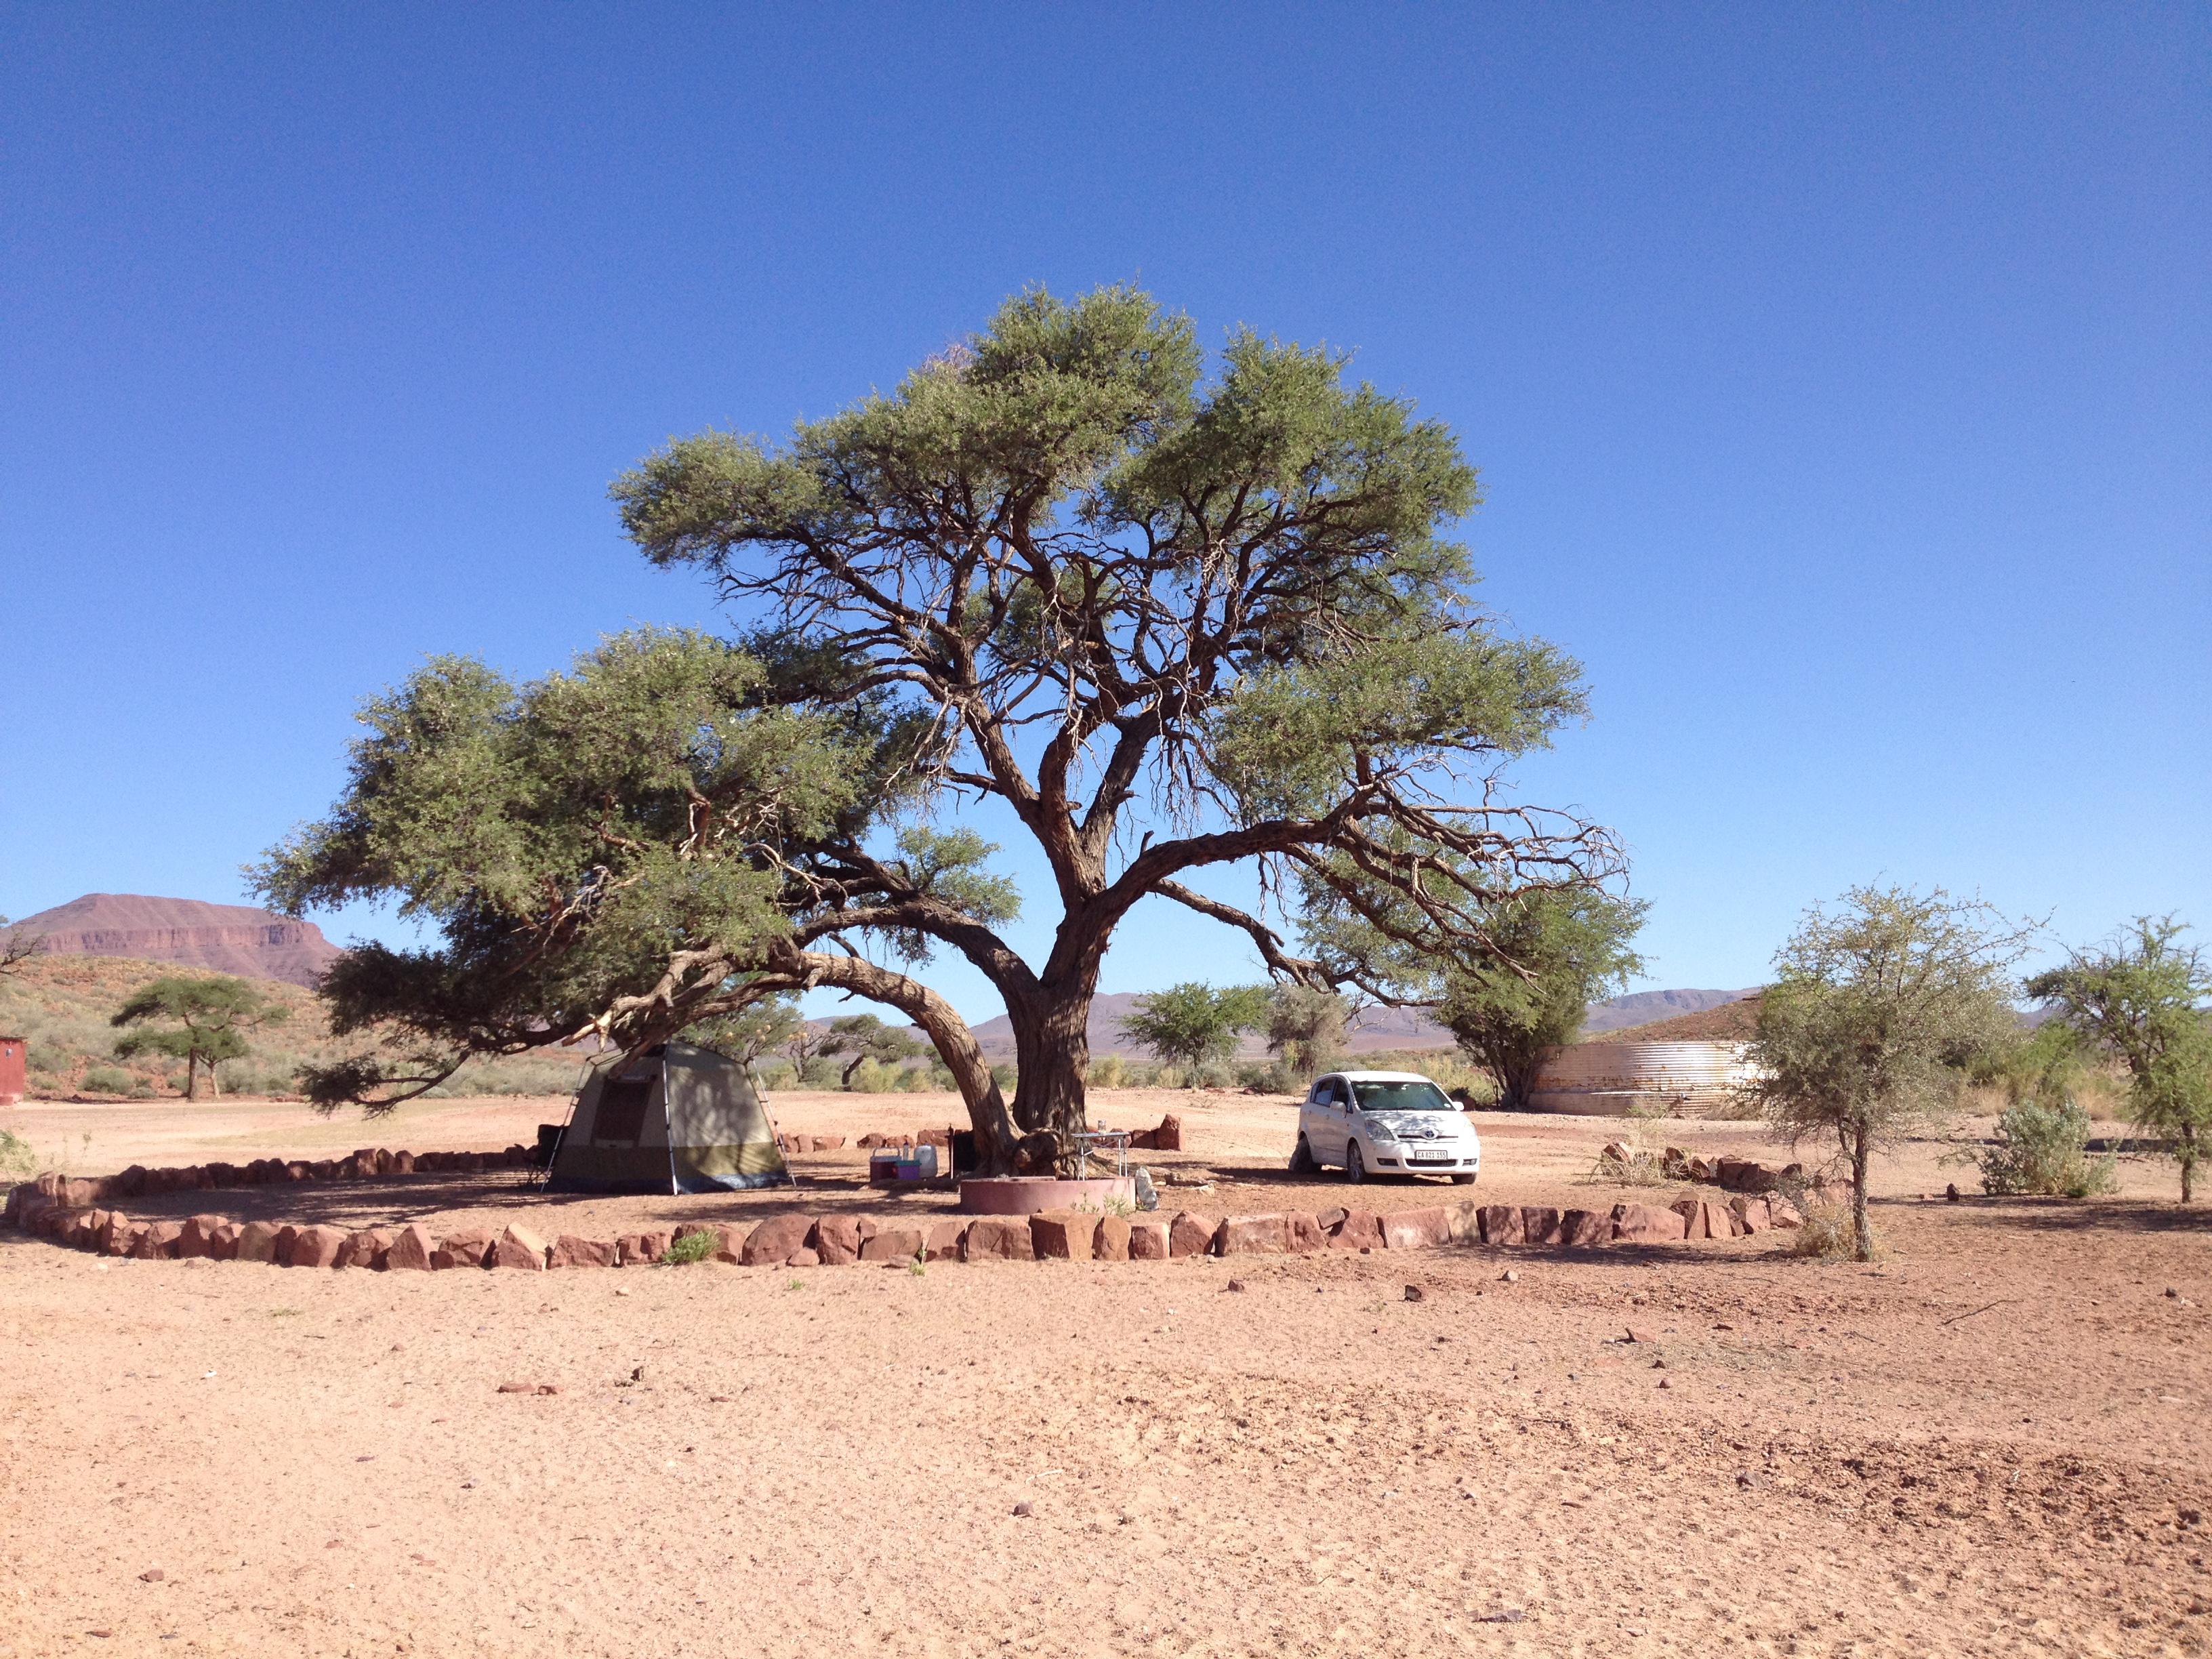 camel-thorn-acacia